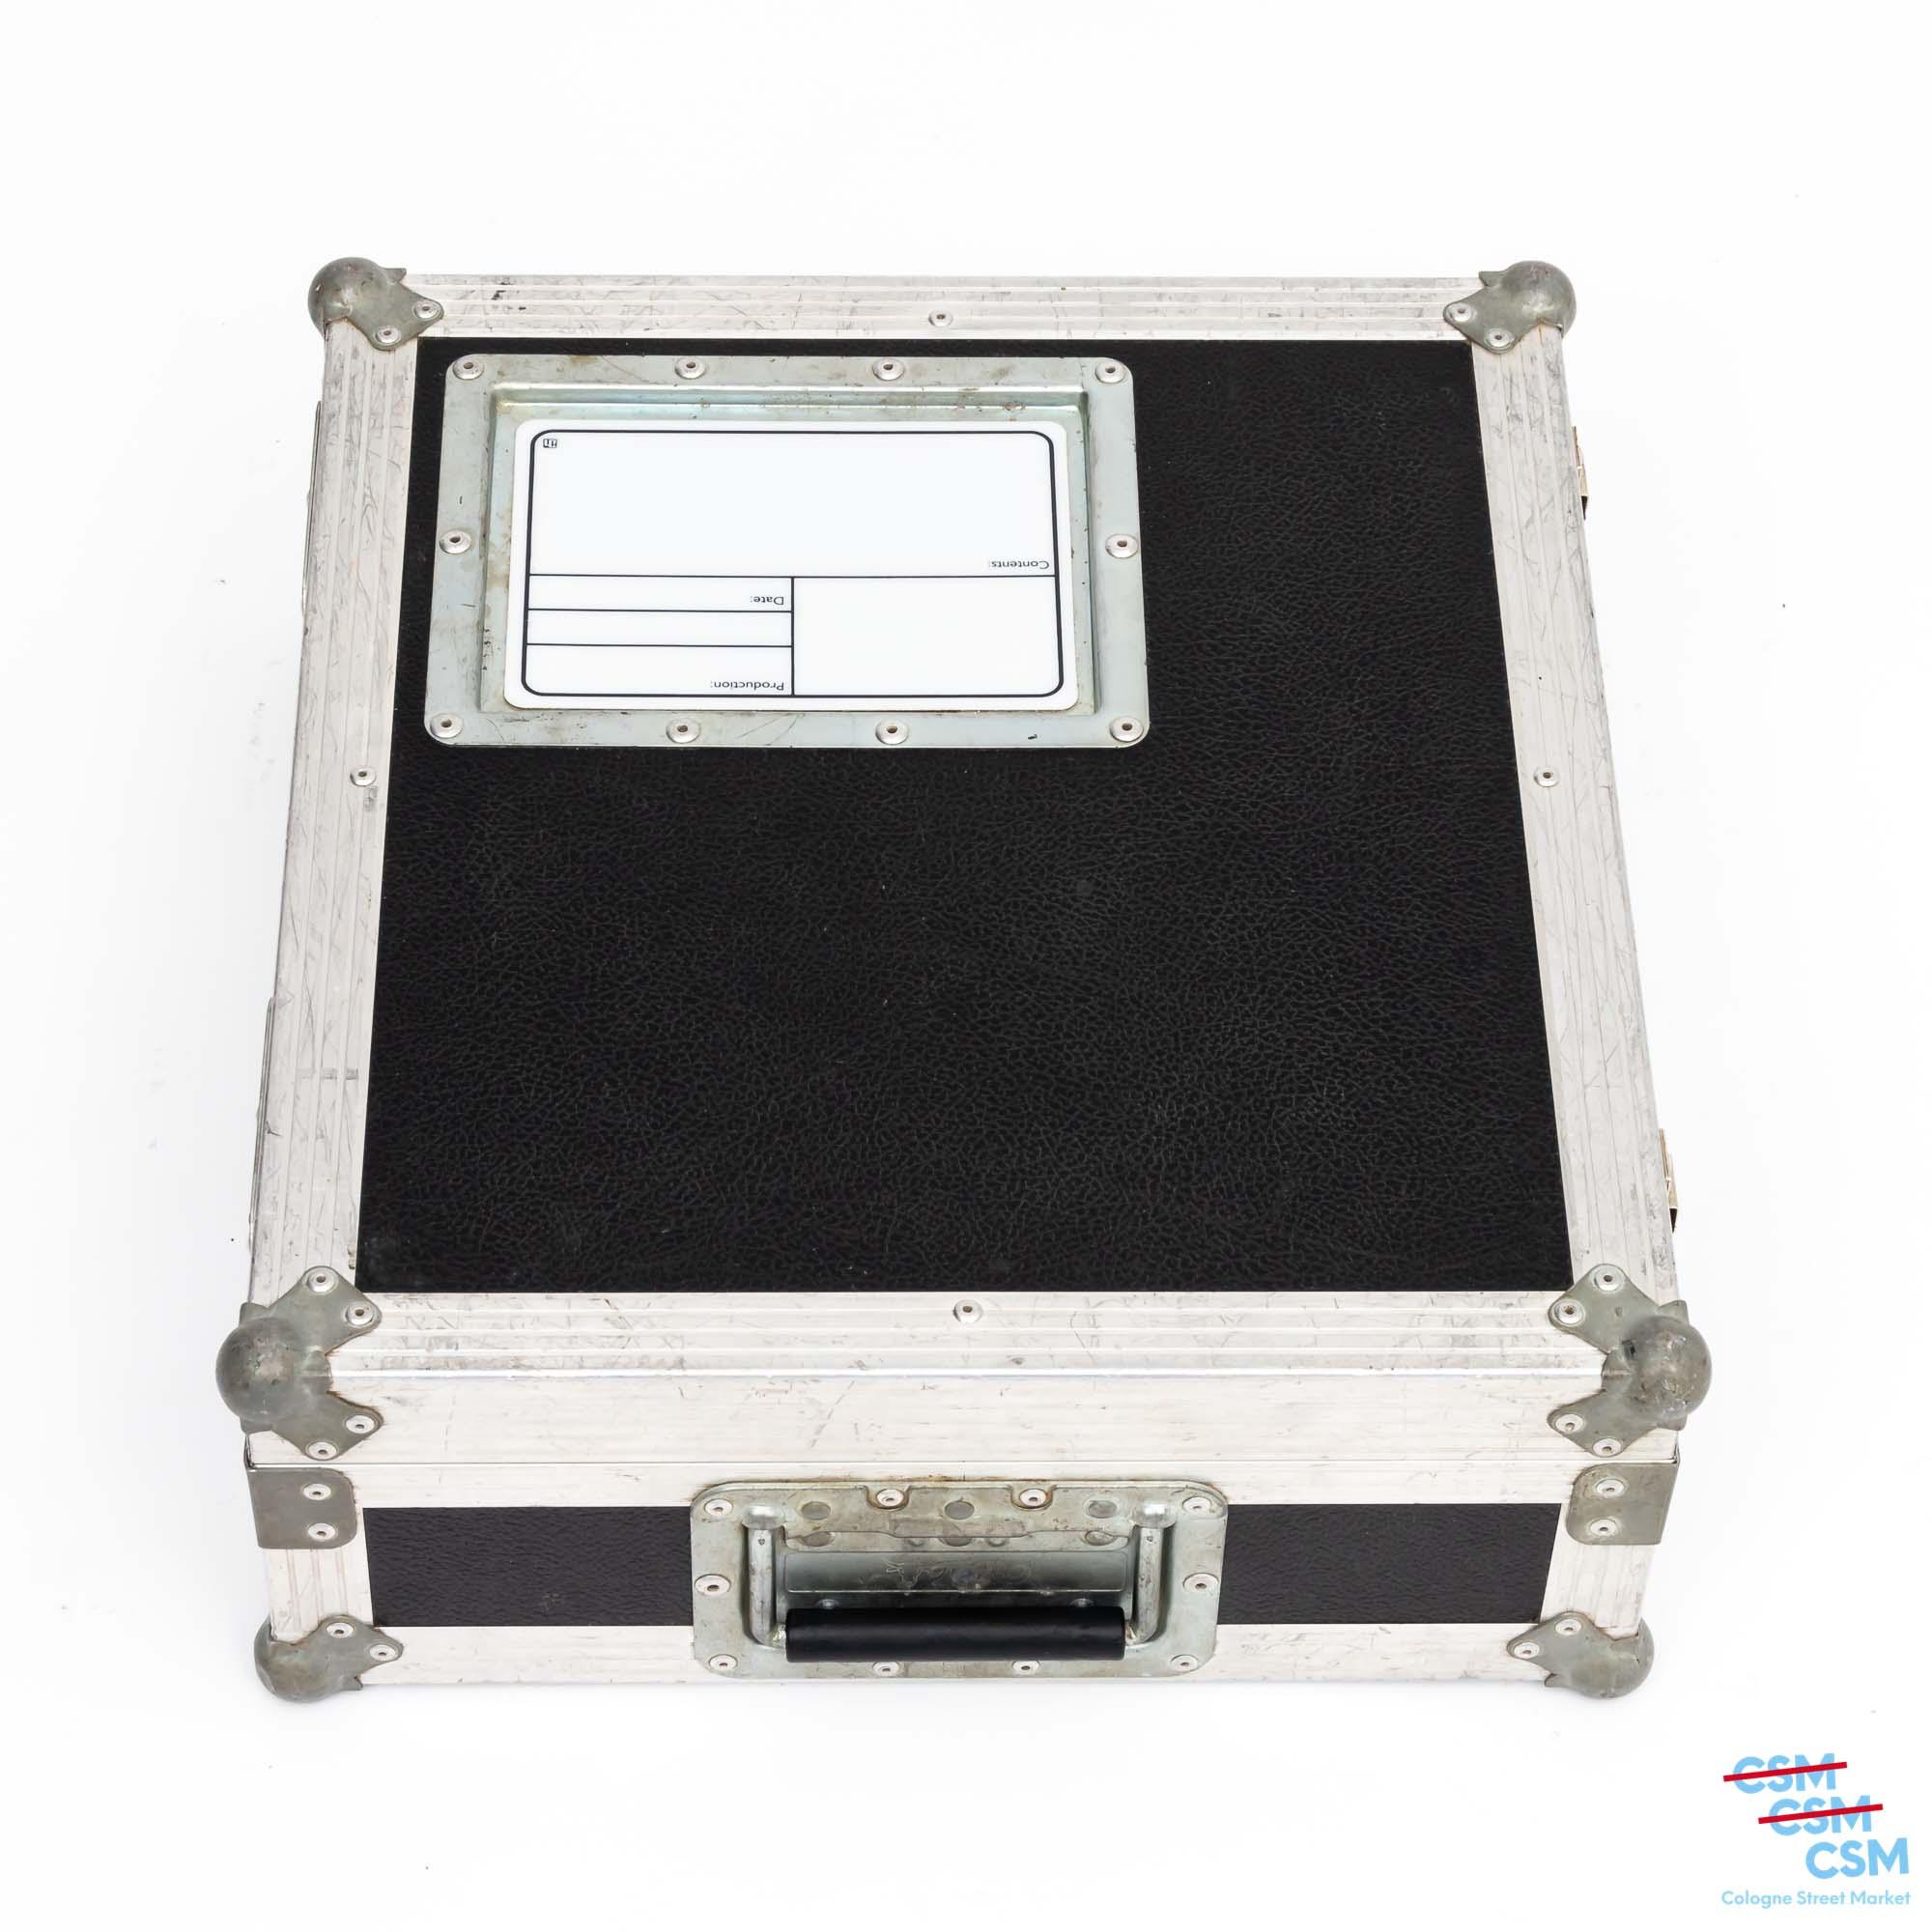 Flightcase Mixer universal gebraucht 3 1